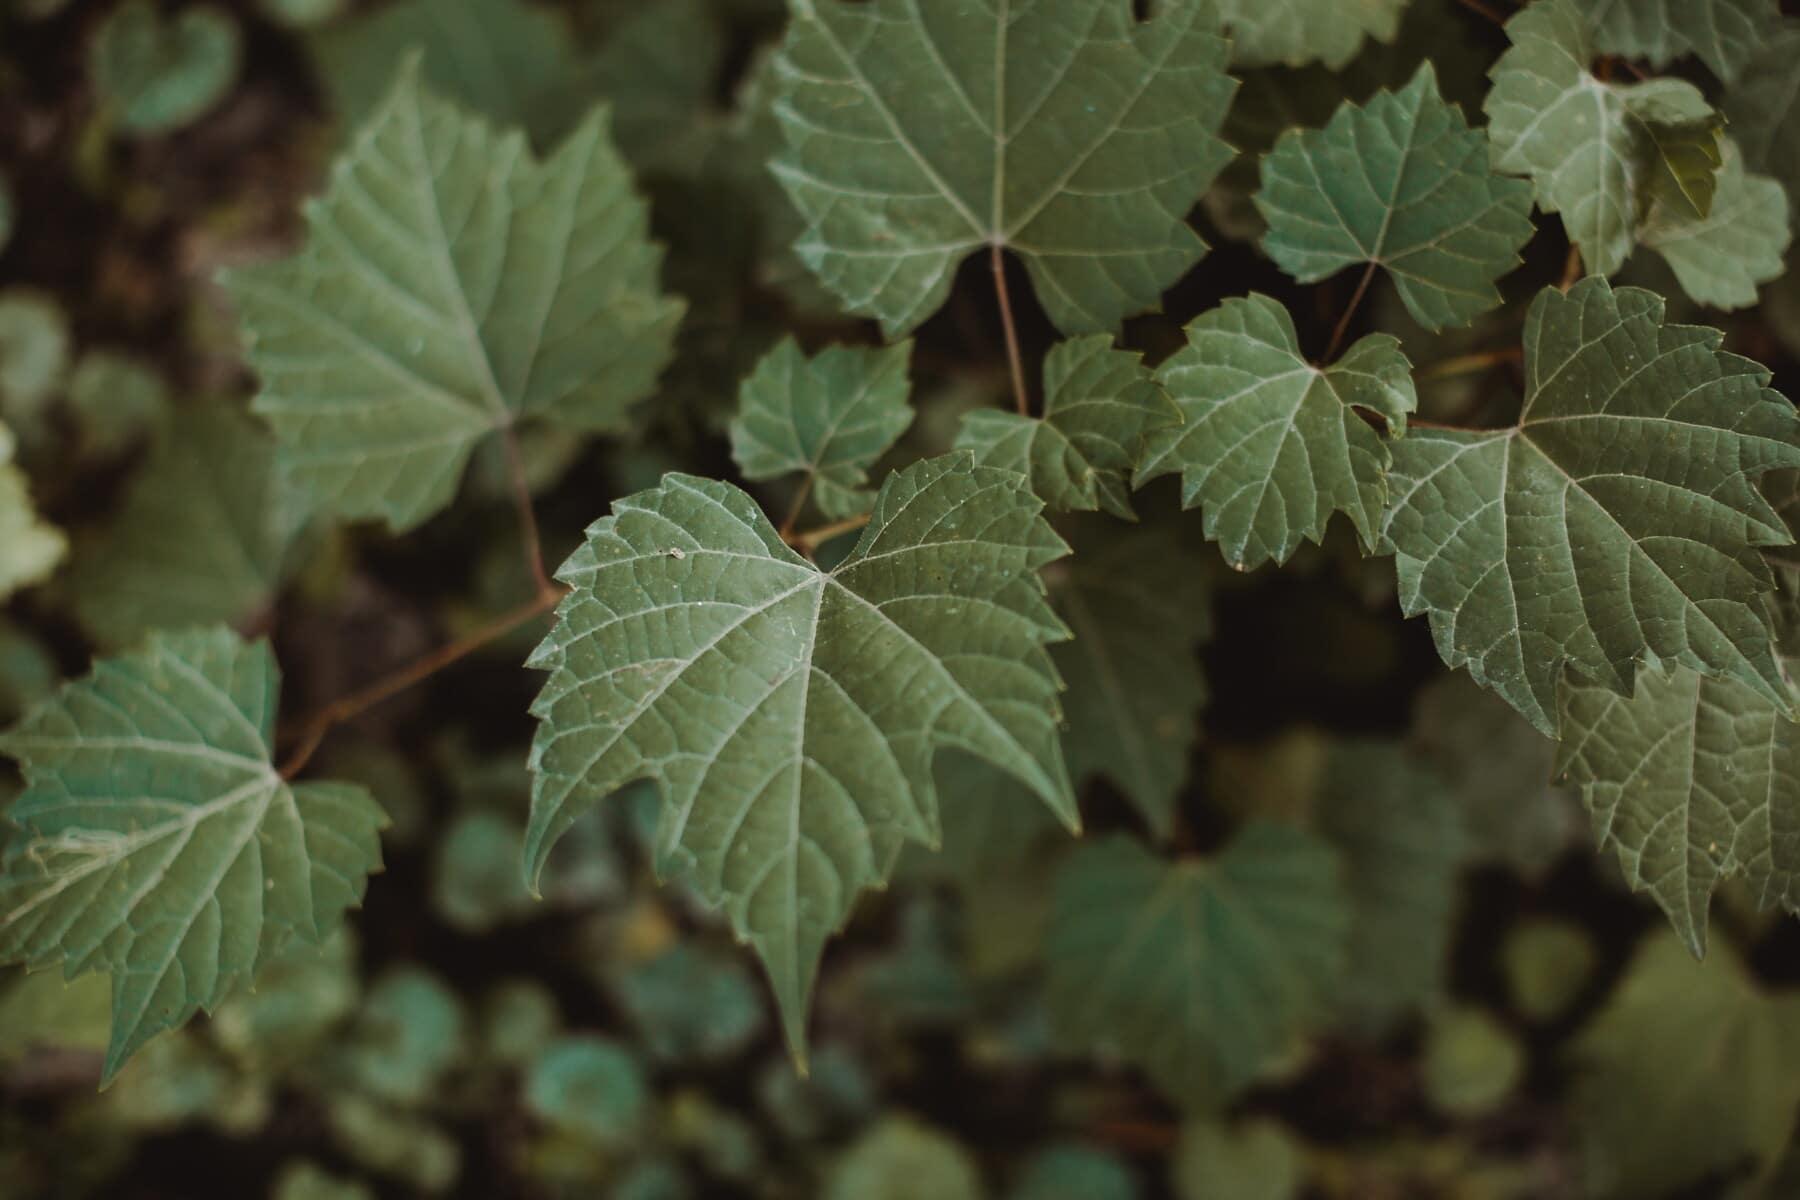 plante, feuille, nature, arbre, feuilles, flore, vigne, été, à l'extérieur, fermer